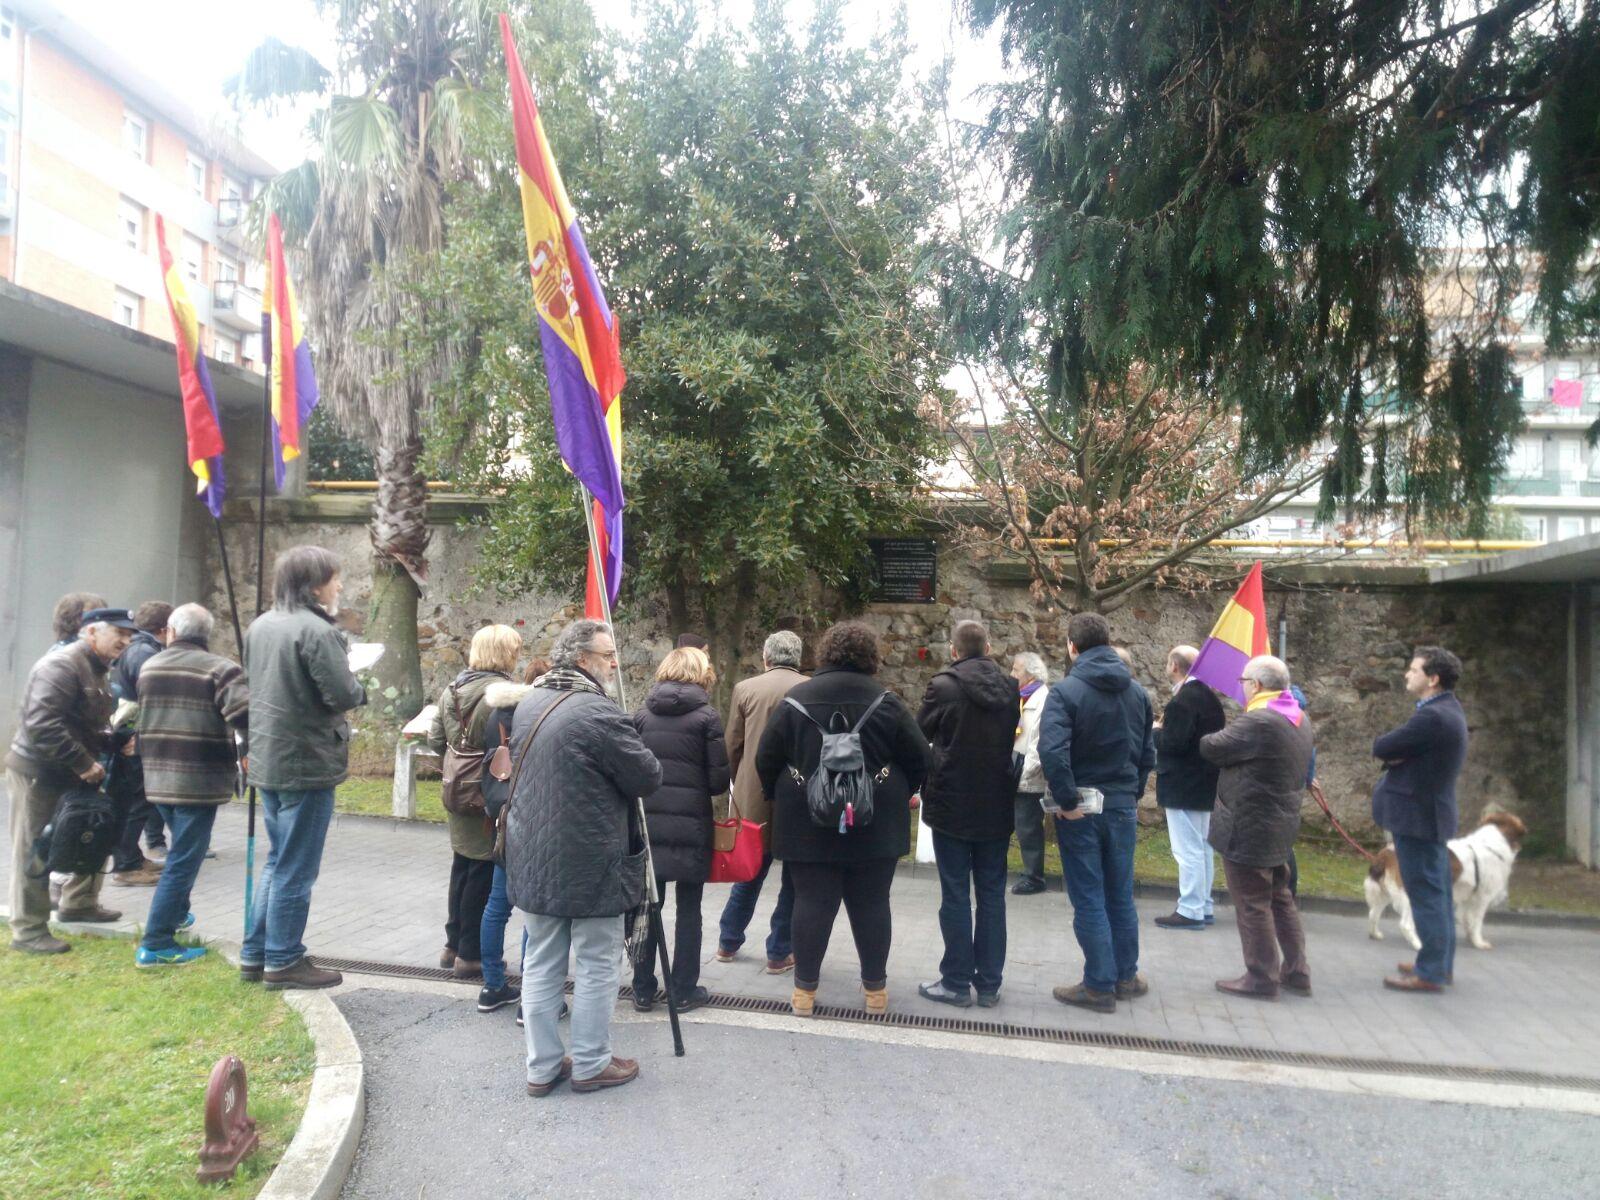 Participación de miembros del EPK en Homenaje a la I República en Derio (Bizkaia) el 11/02/2017